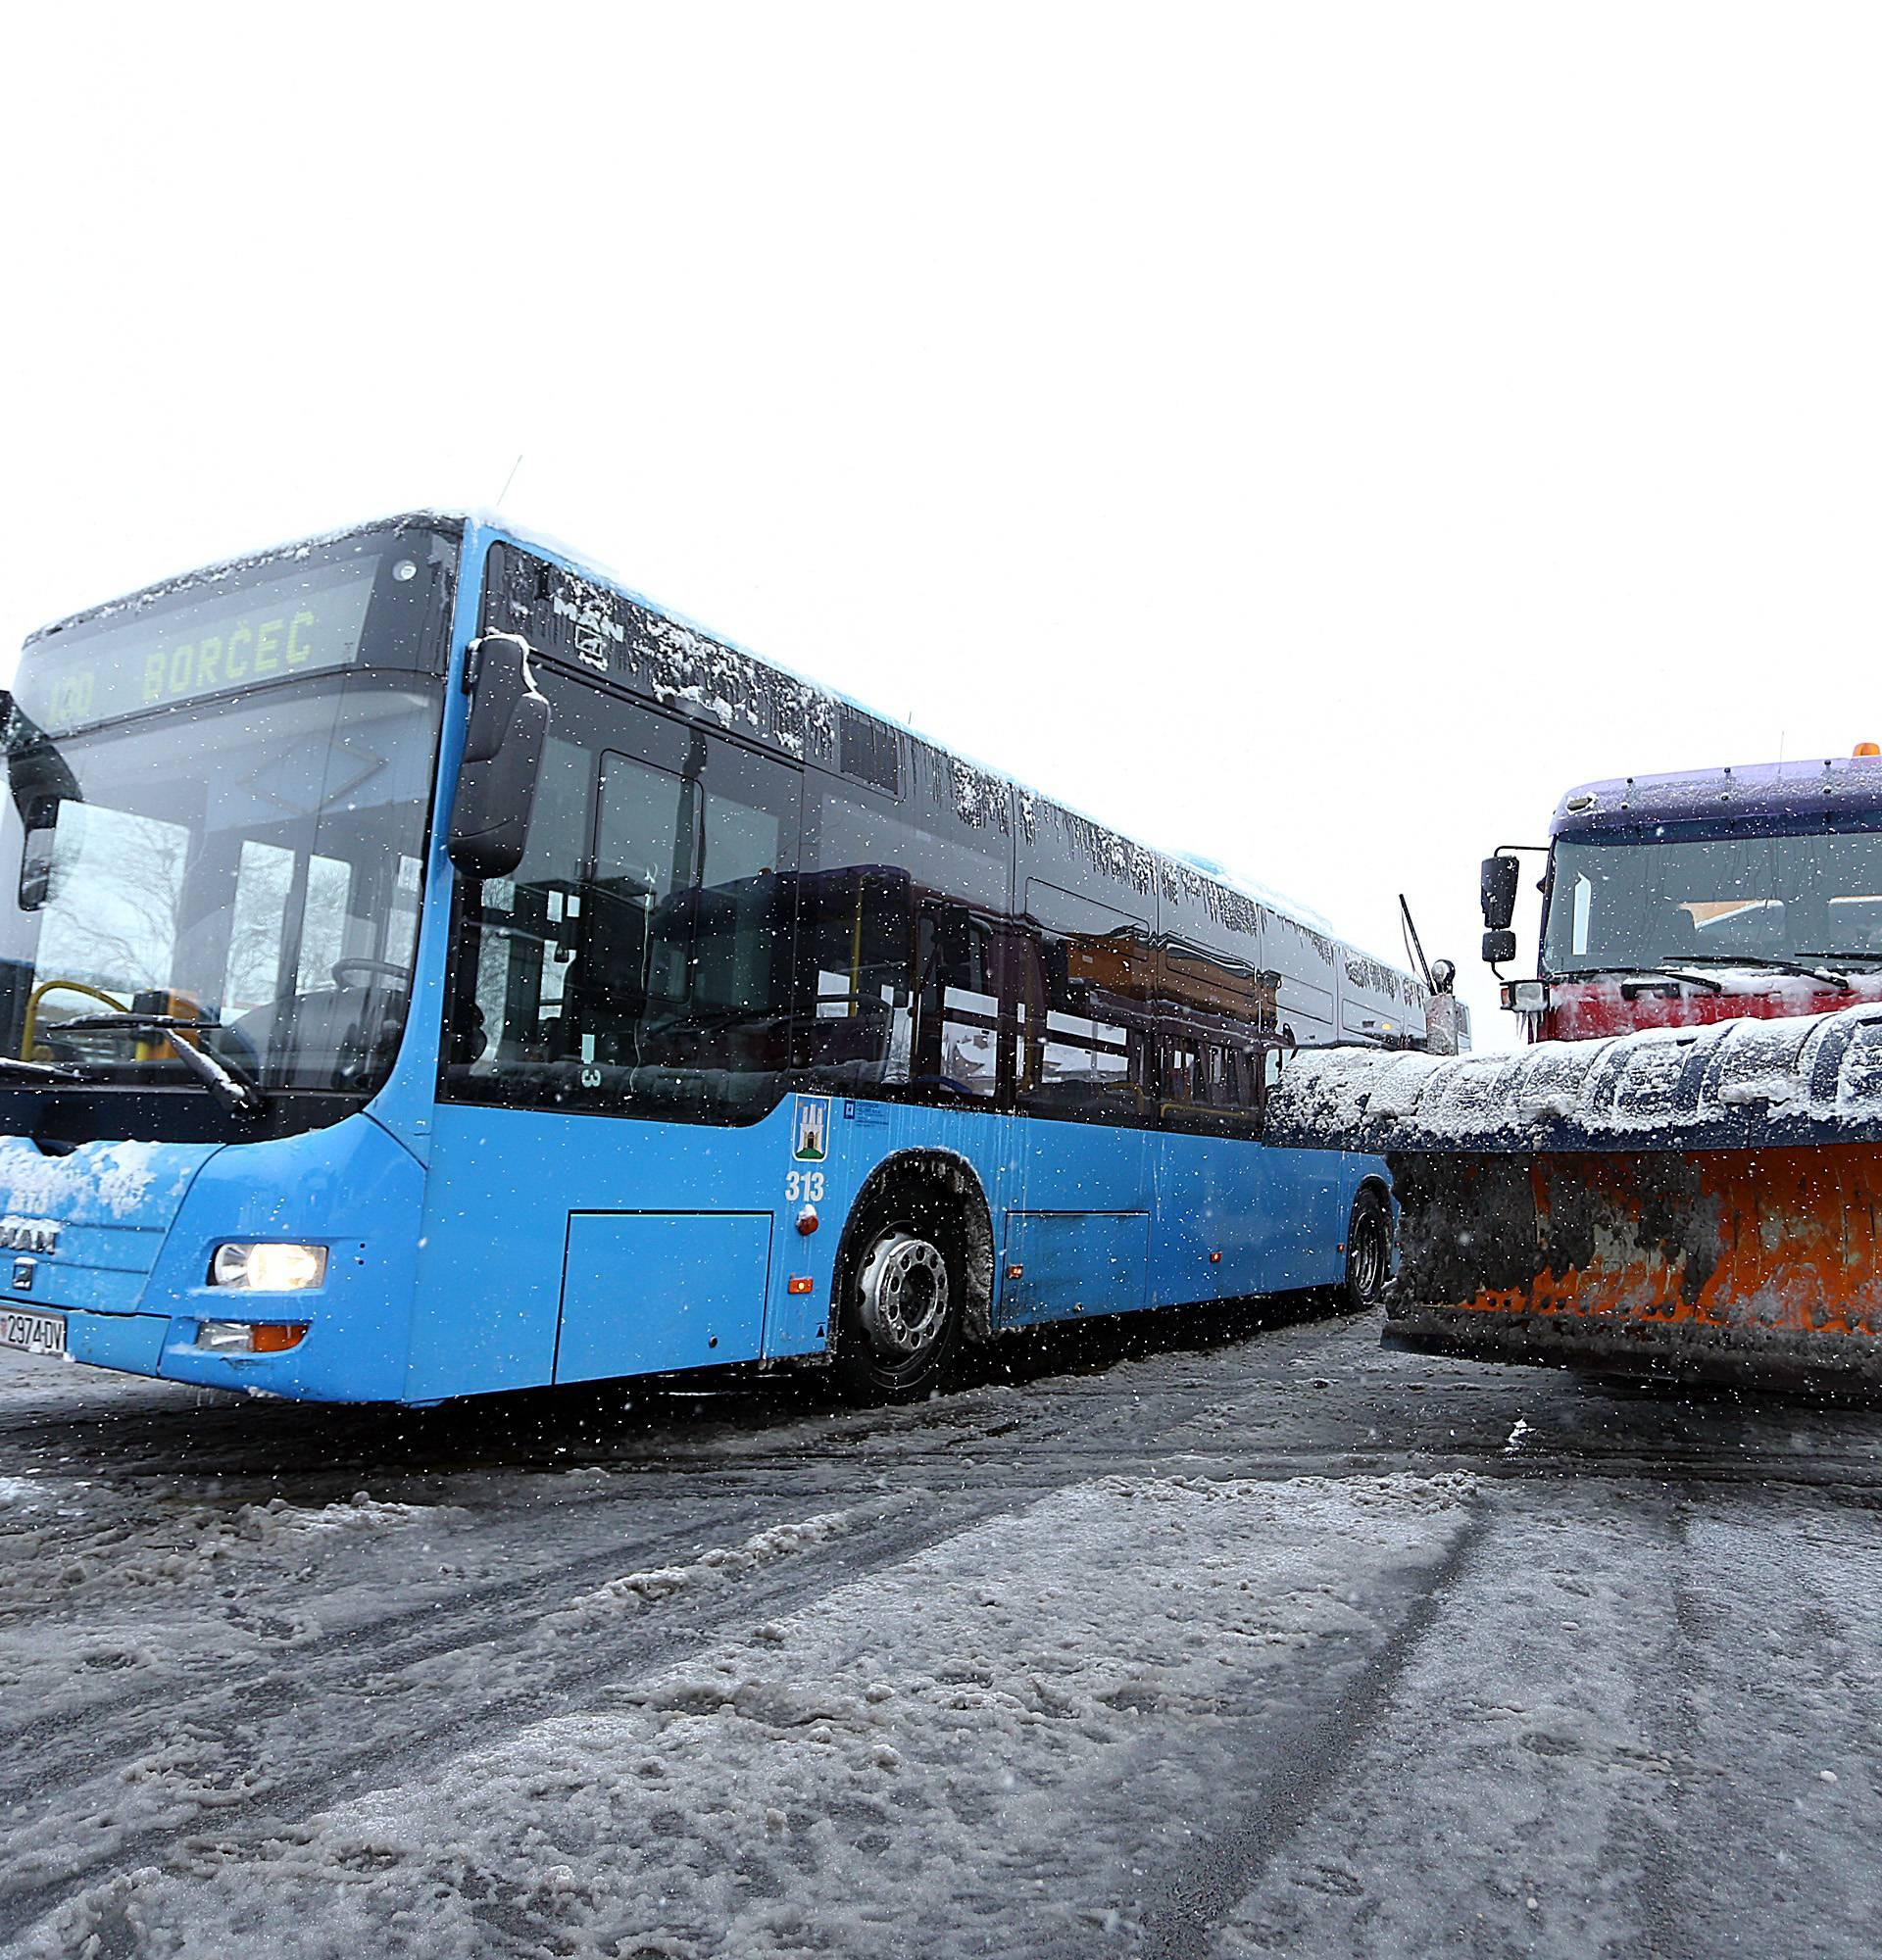 Oprezno zbog ledene kiše, MUP upozorava: Prilagodite vožnju!